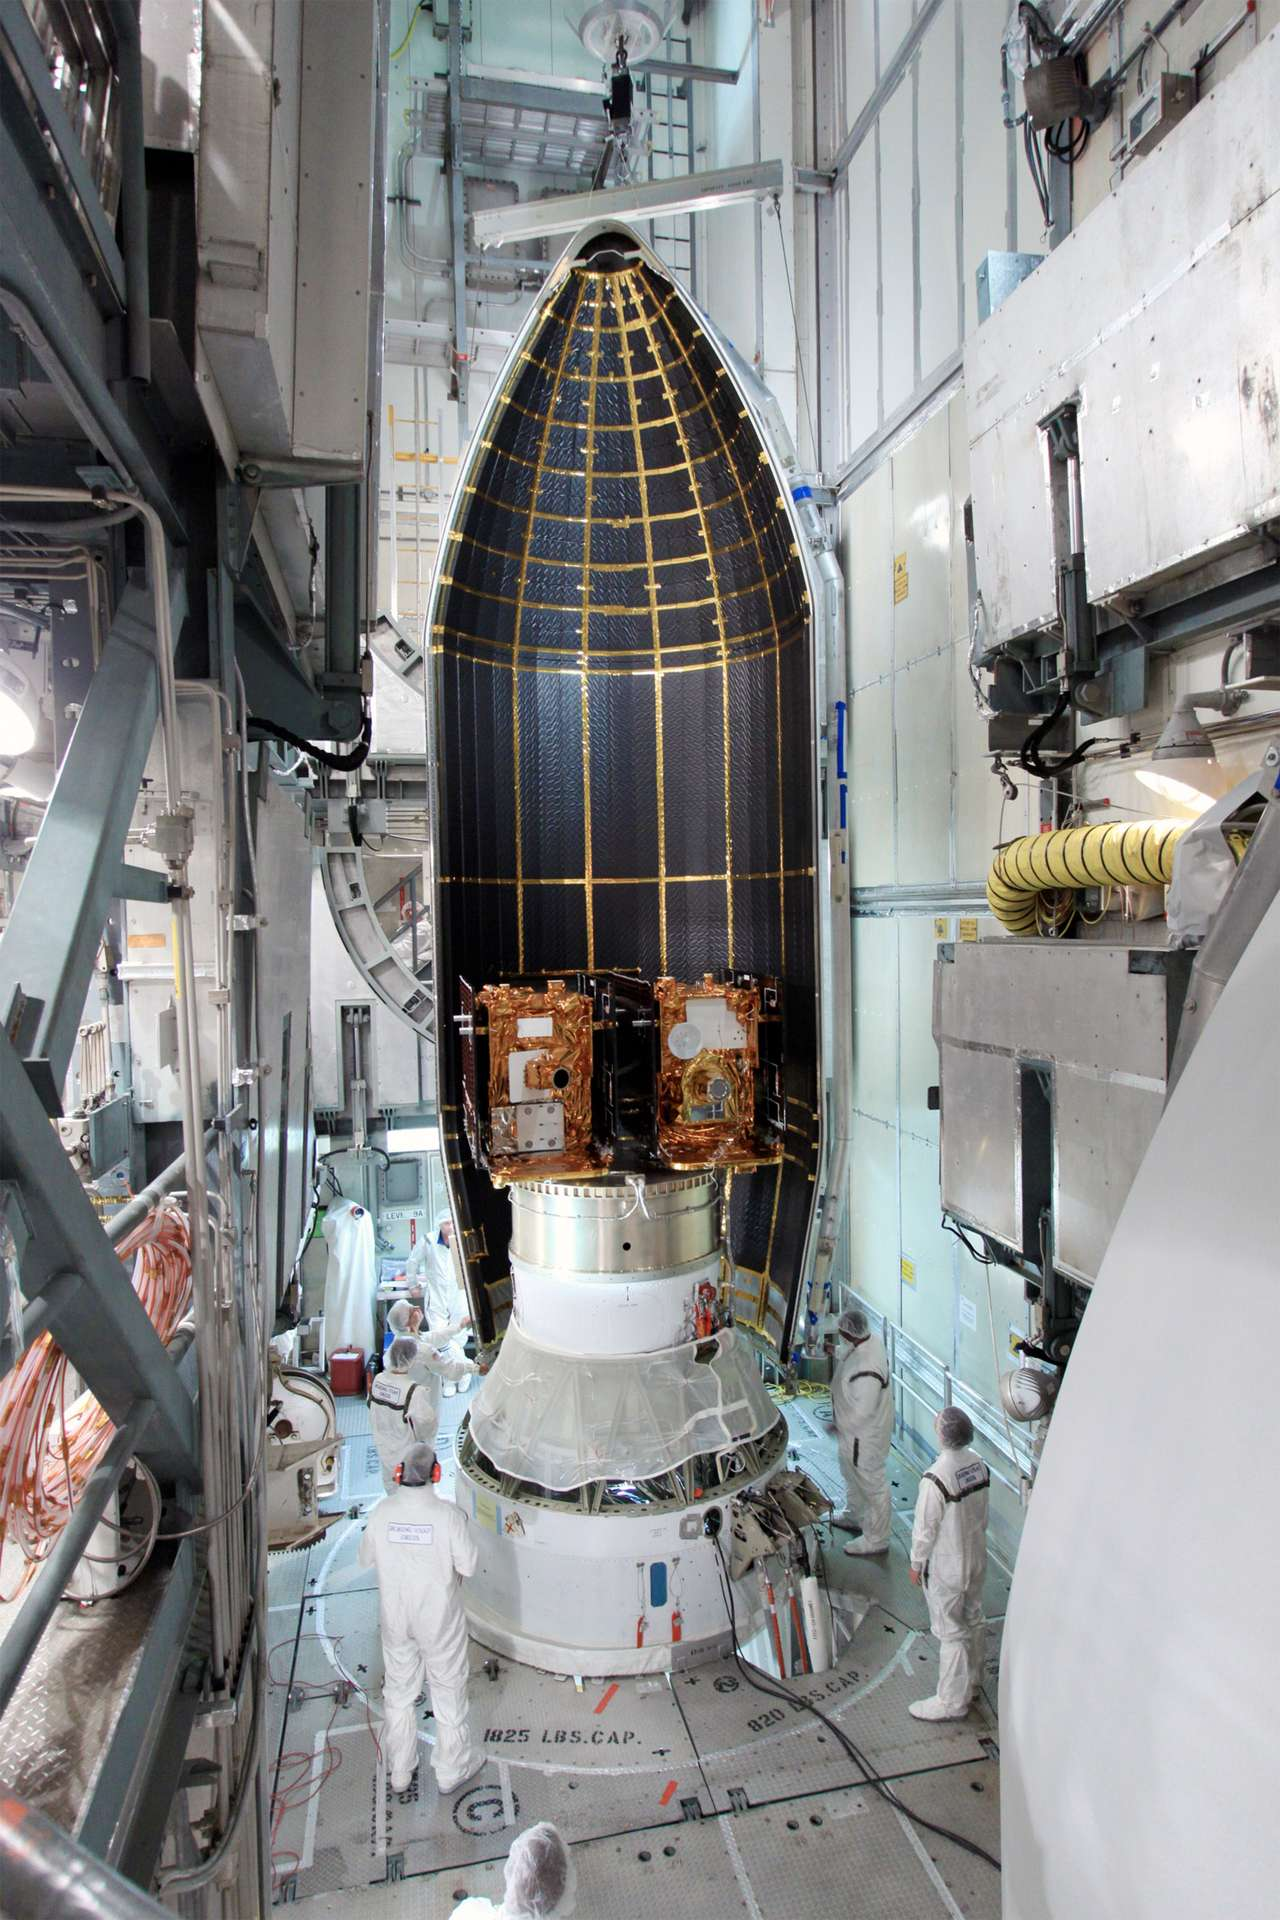 Construits par Lockheed Martin, ces deux satellites sont basés sur la plateforme du démonstrateur technologique XSS 11 de l'armée américaine. Ils vont fournir une carte du géoïde lunaire qui donnera une image de la Lune bien différente de celle qui éclaire nos nuits. © Cap Canaveral, Fla./Nasa